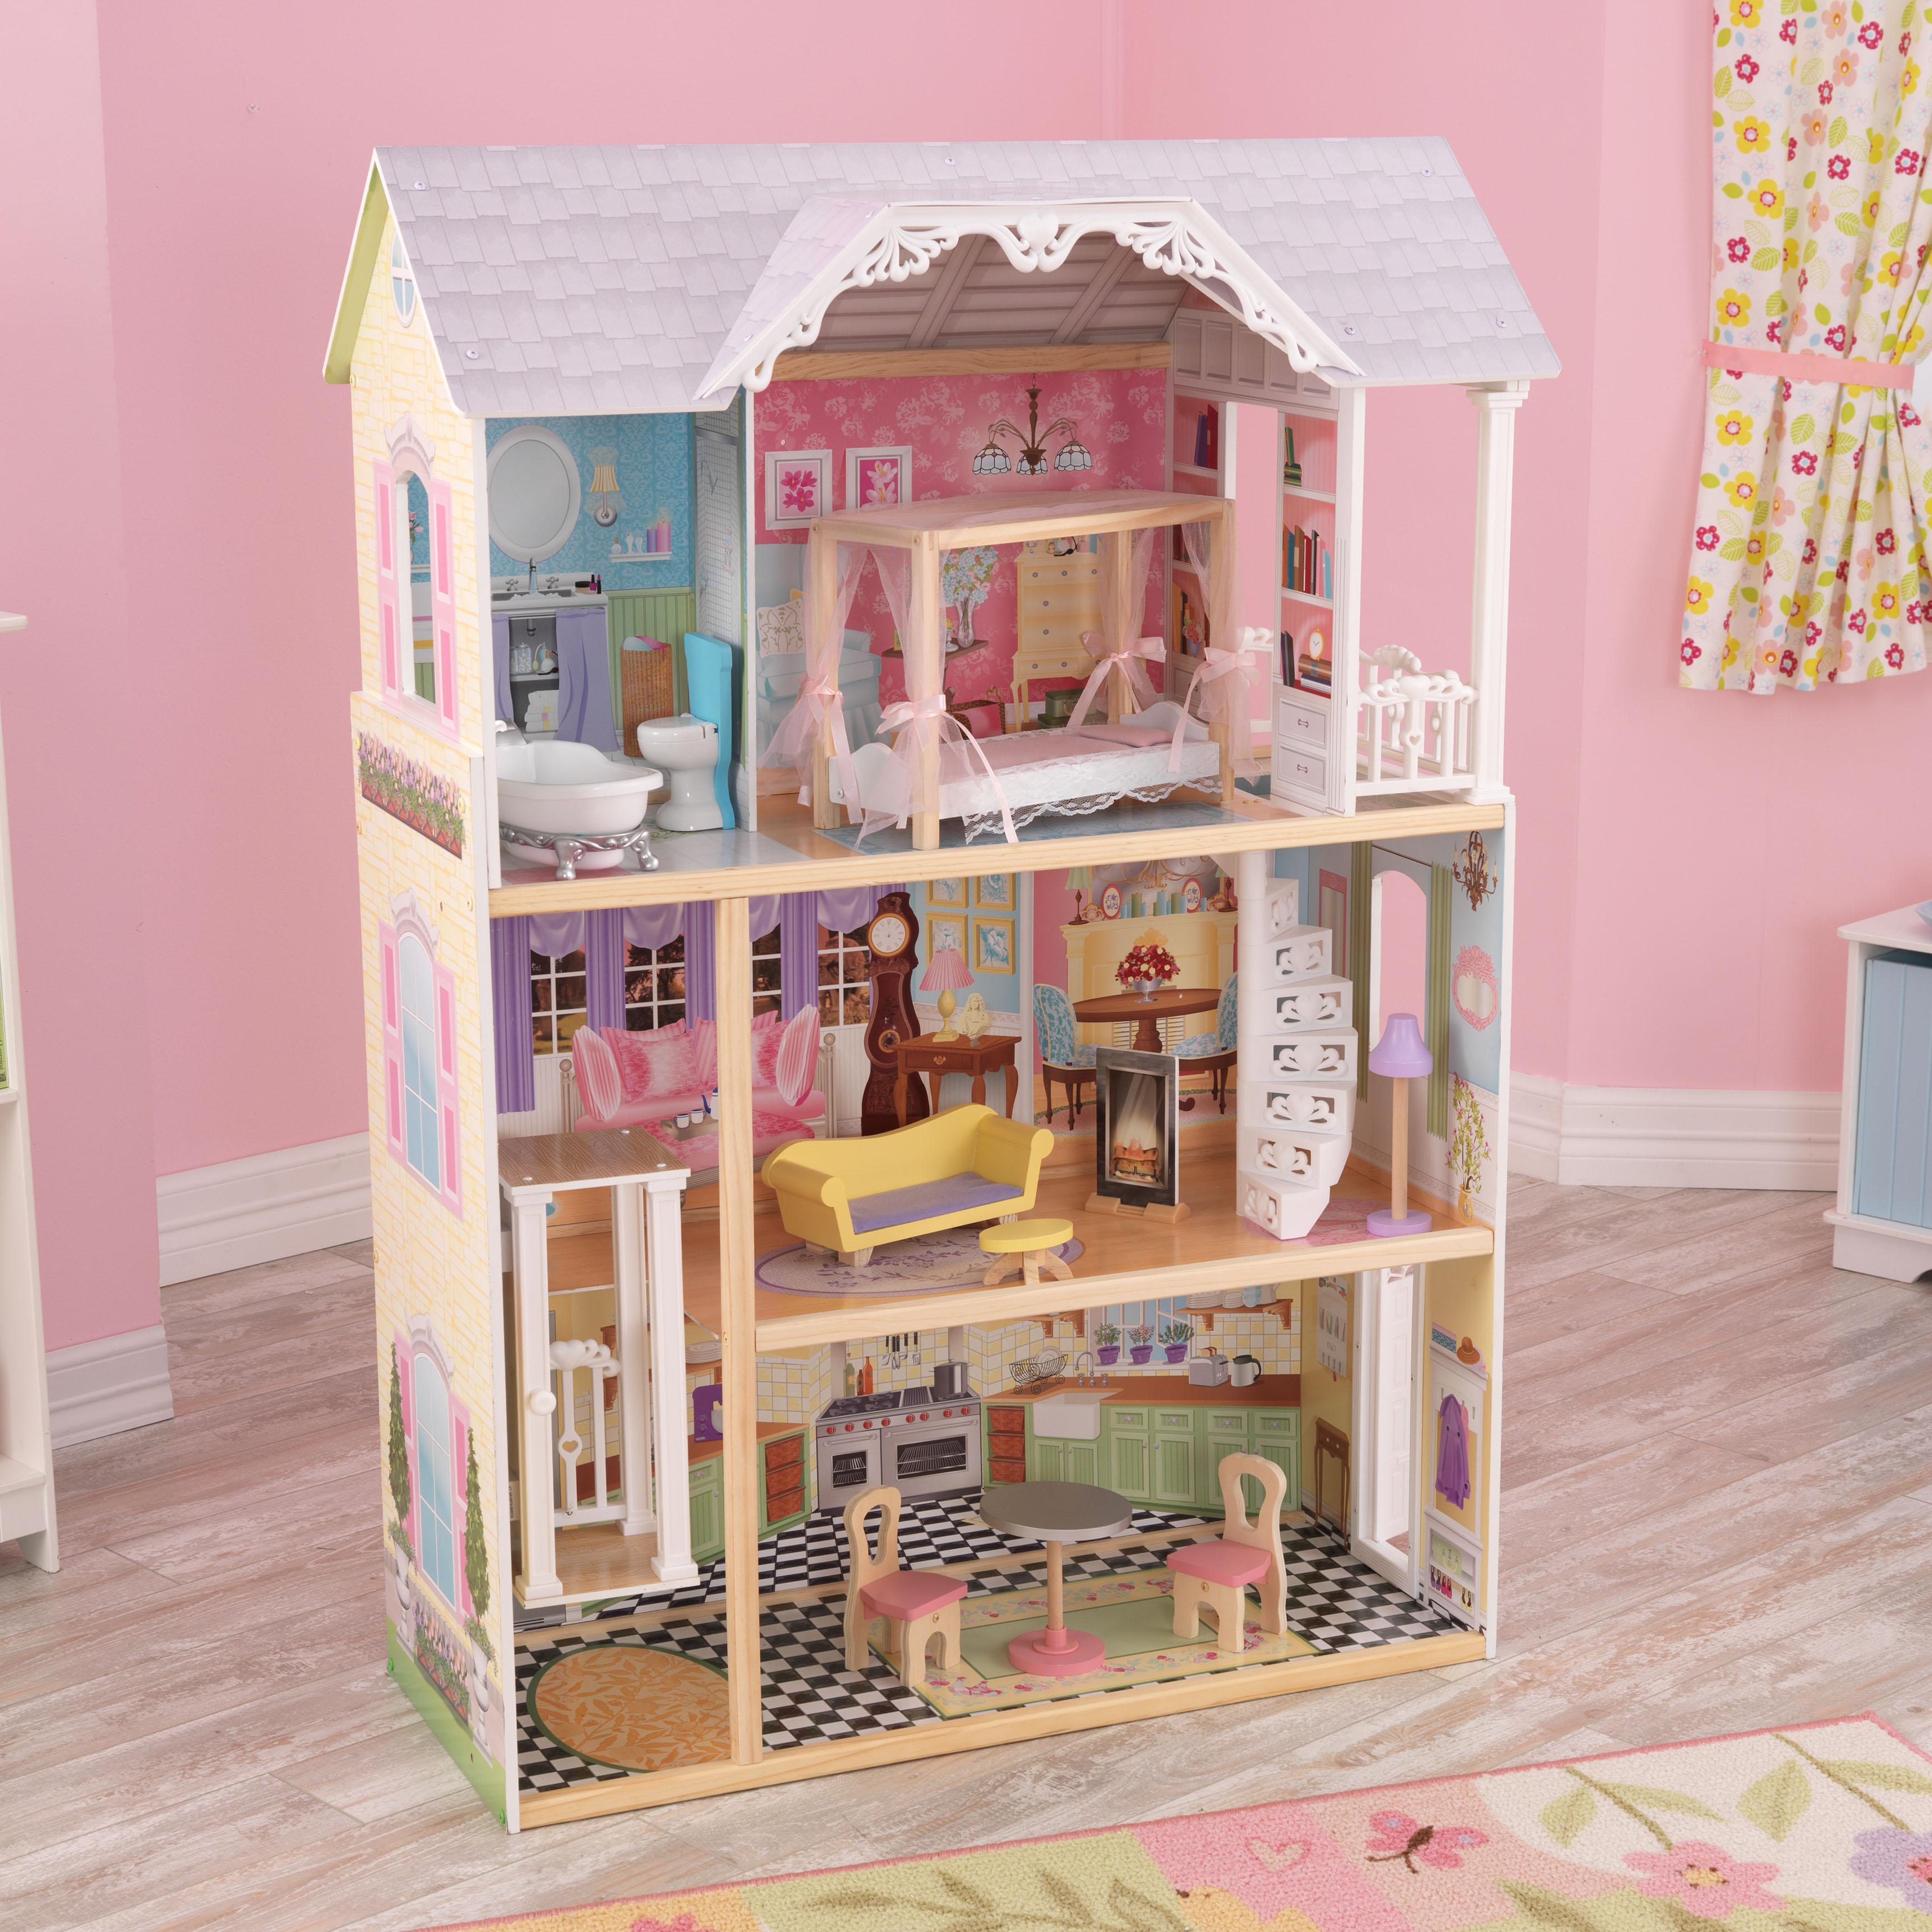 Дървена куклена къща Кайли от KidKraft - детска играчка за момичета - Магазин Bellamie